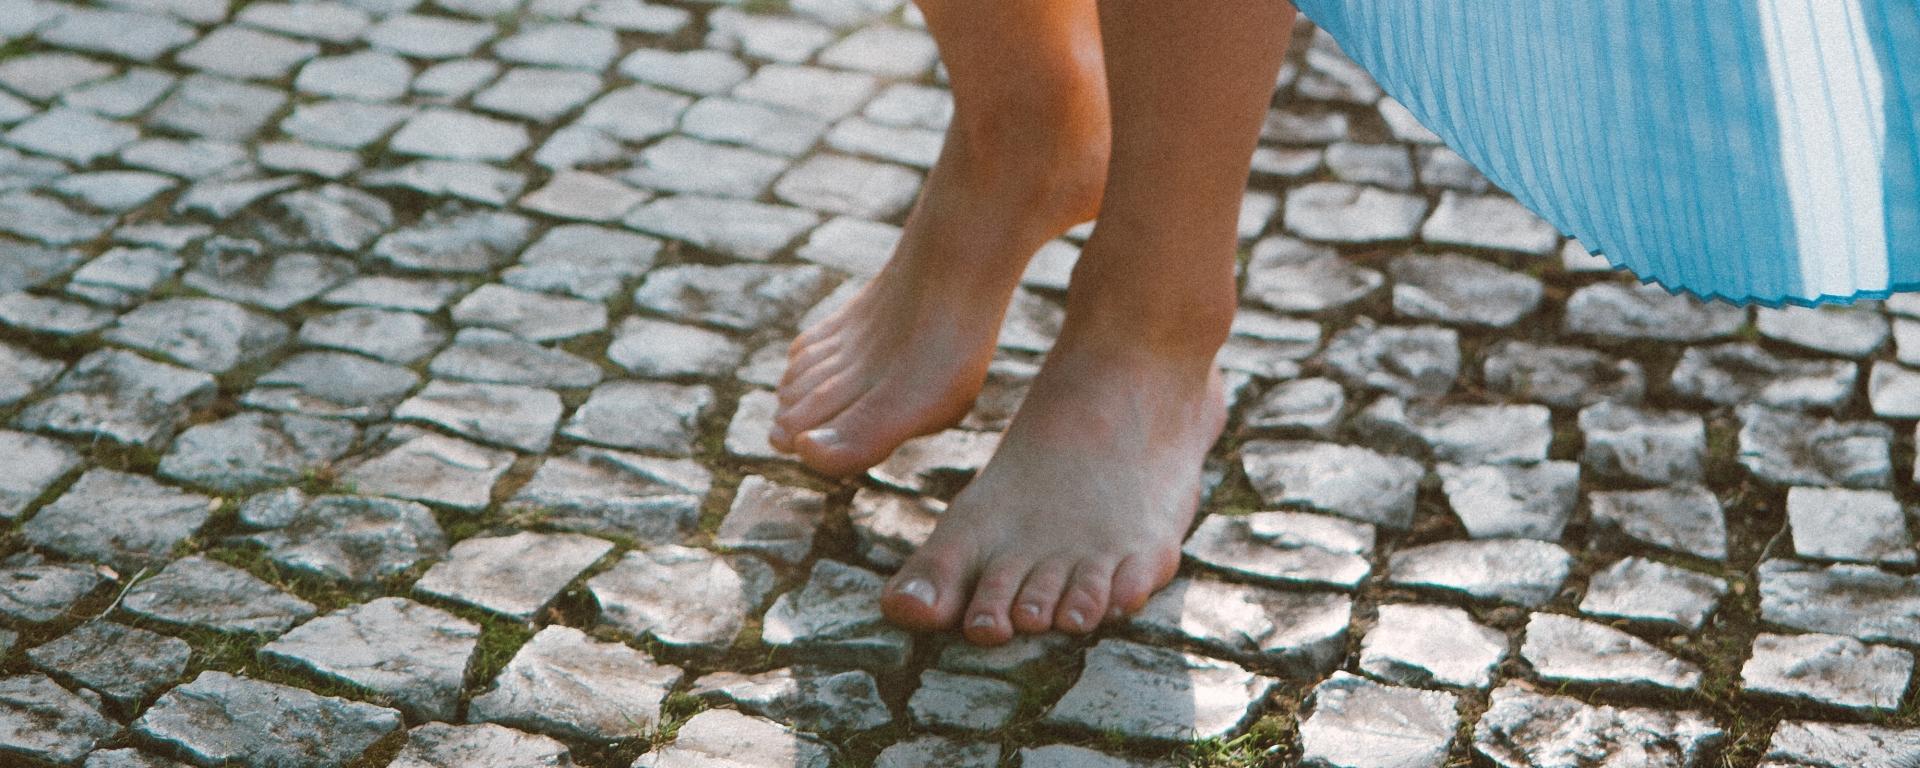 Mujer de vestido azul caminando descalza por el pavimento empedrado.